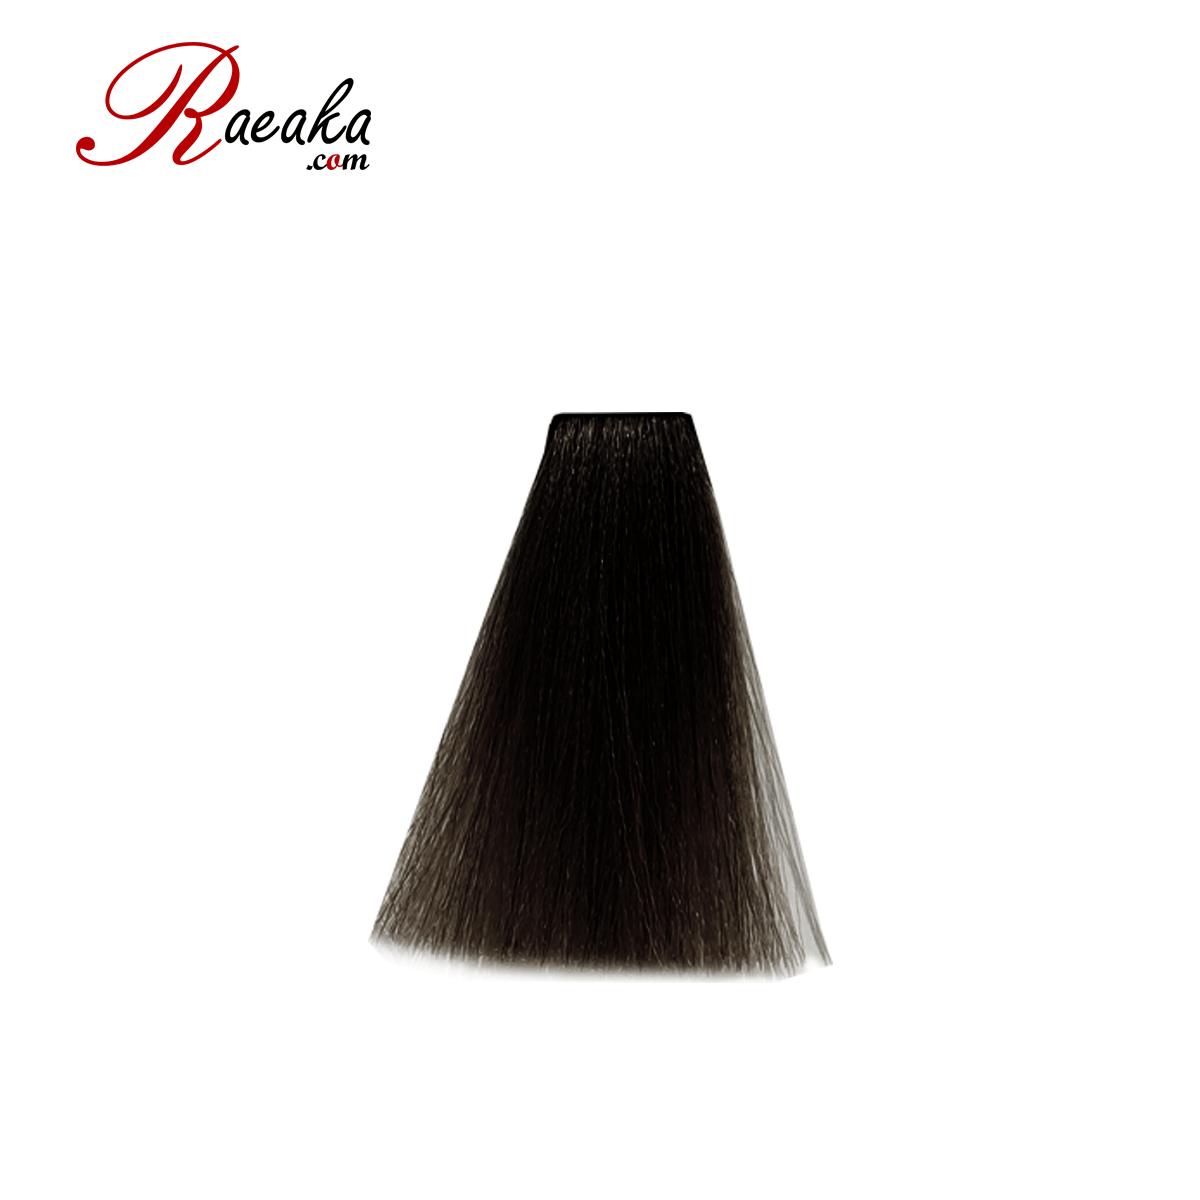 رنگ مو دوماسی سری دودی قهوه ای دودی روشن ۵٫۱ حجم ۱۲۰ میلی لیتر